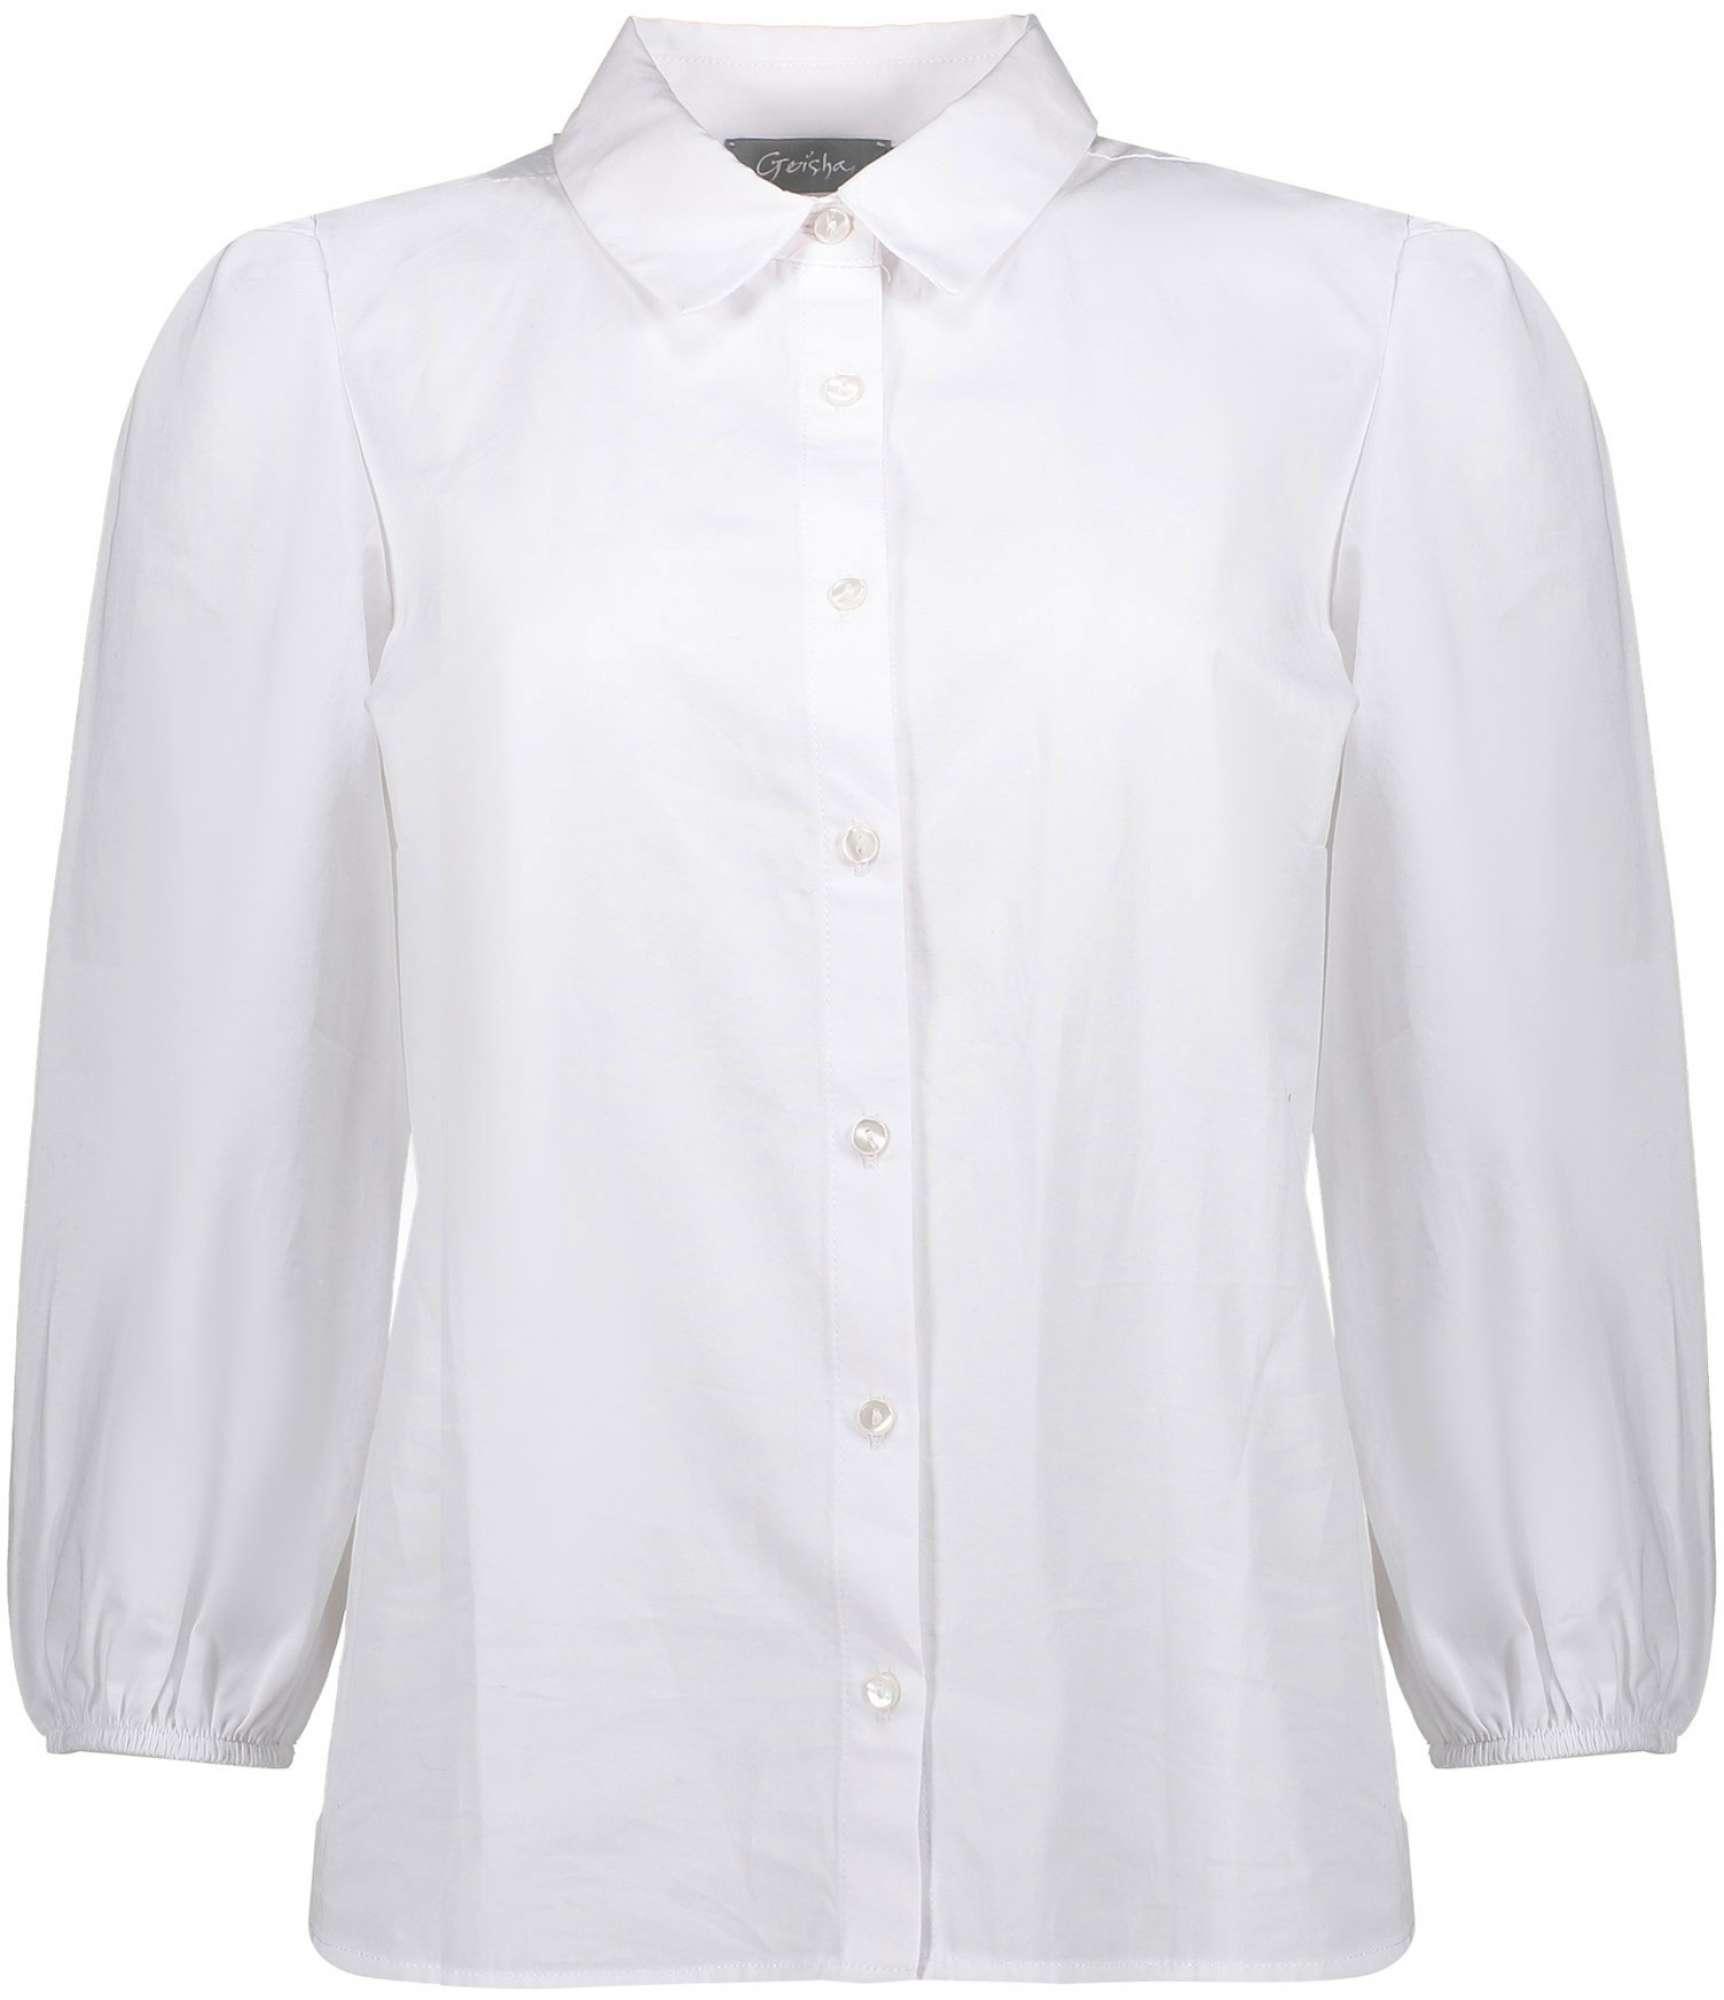 Blouse white cotton